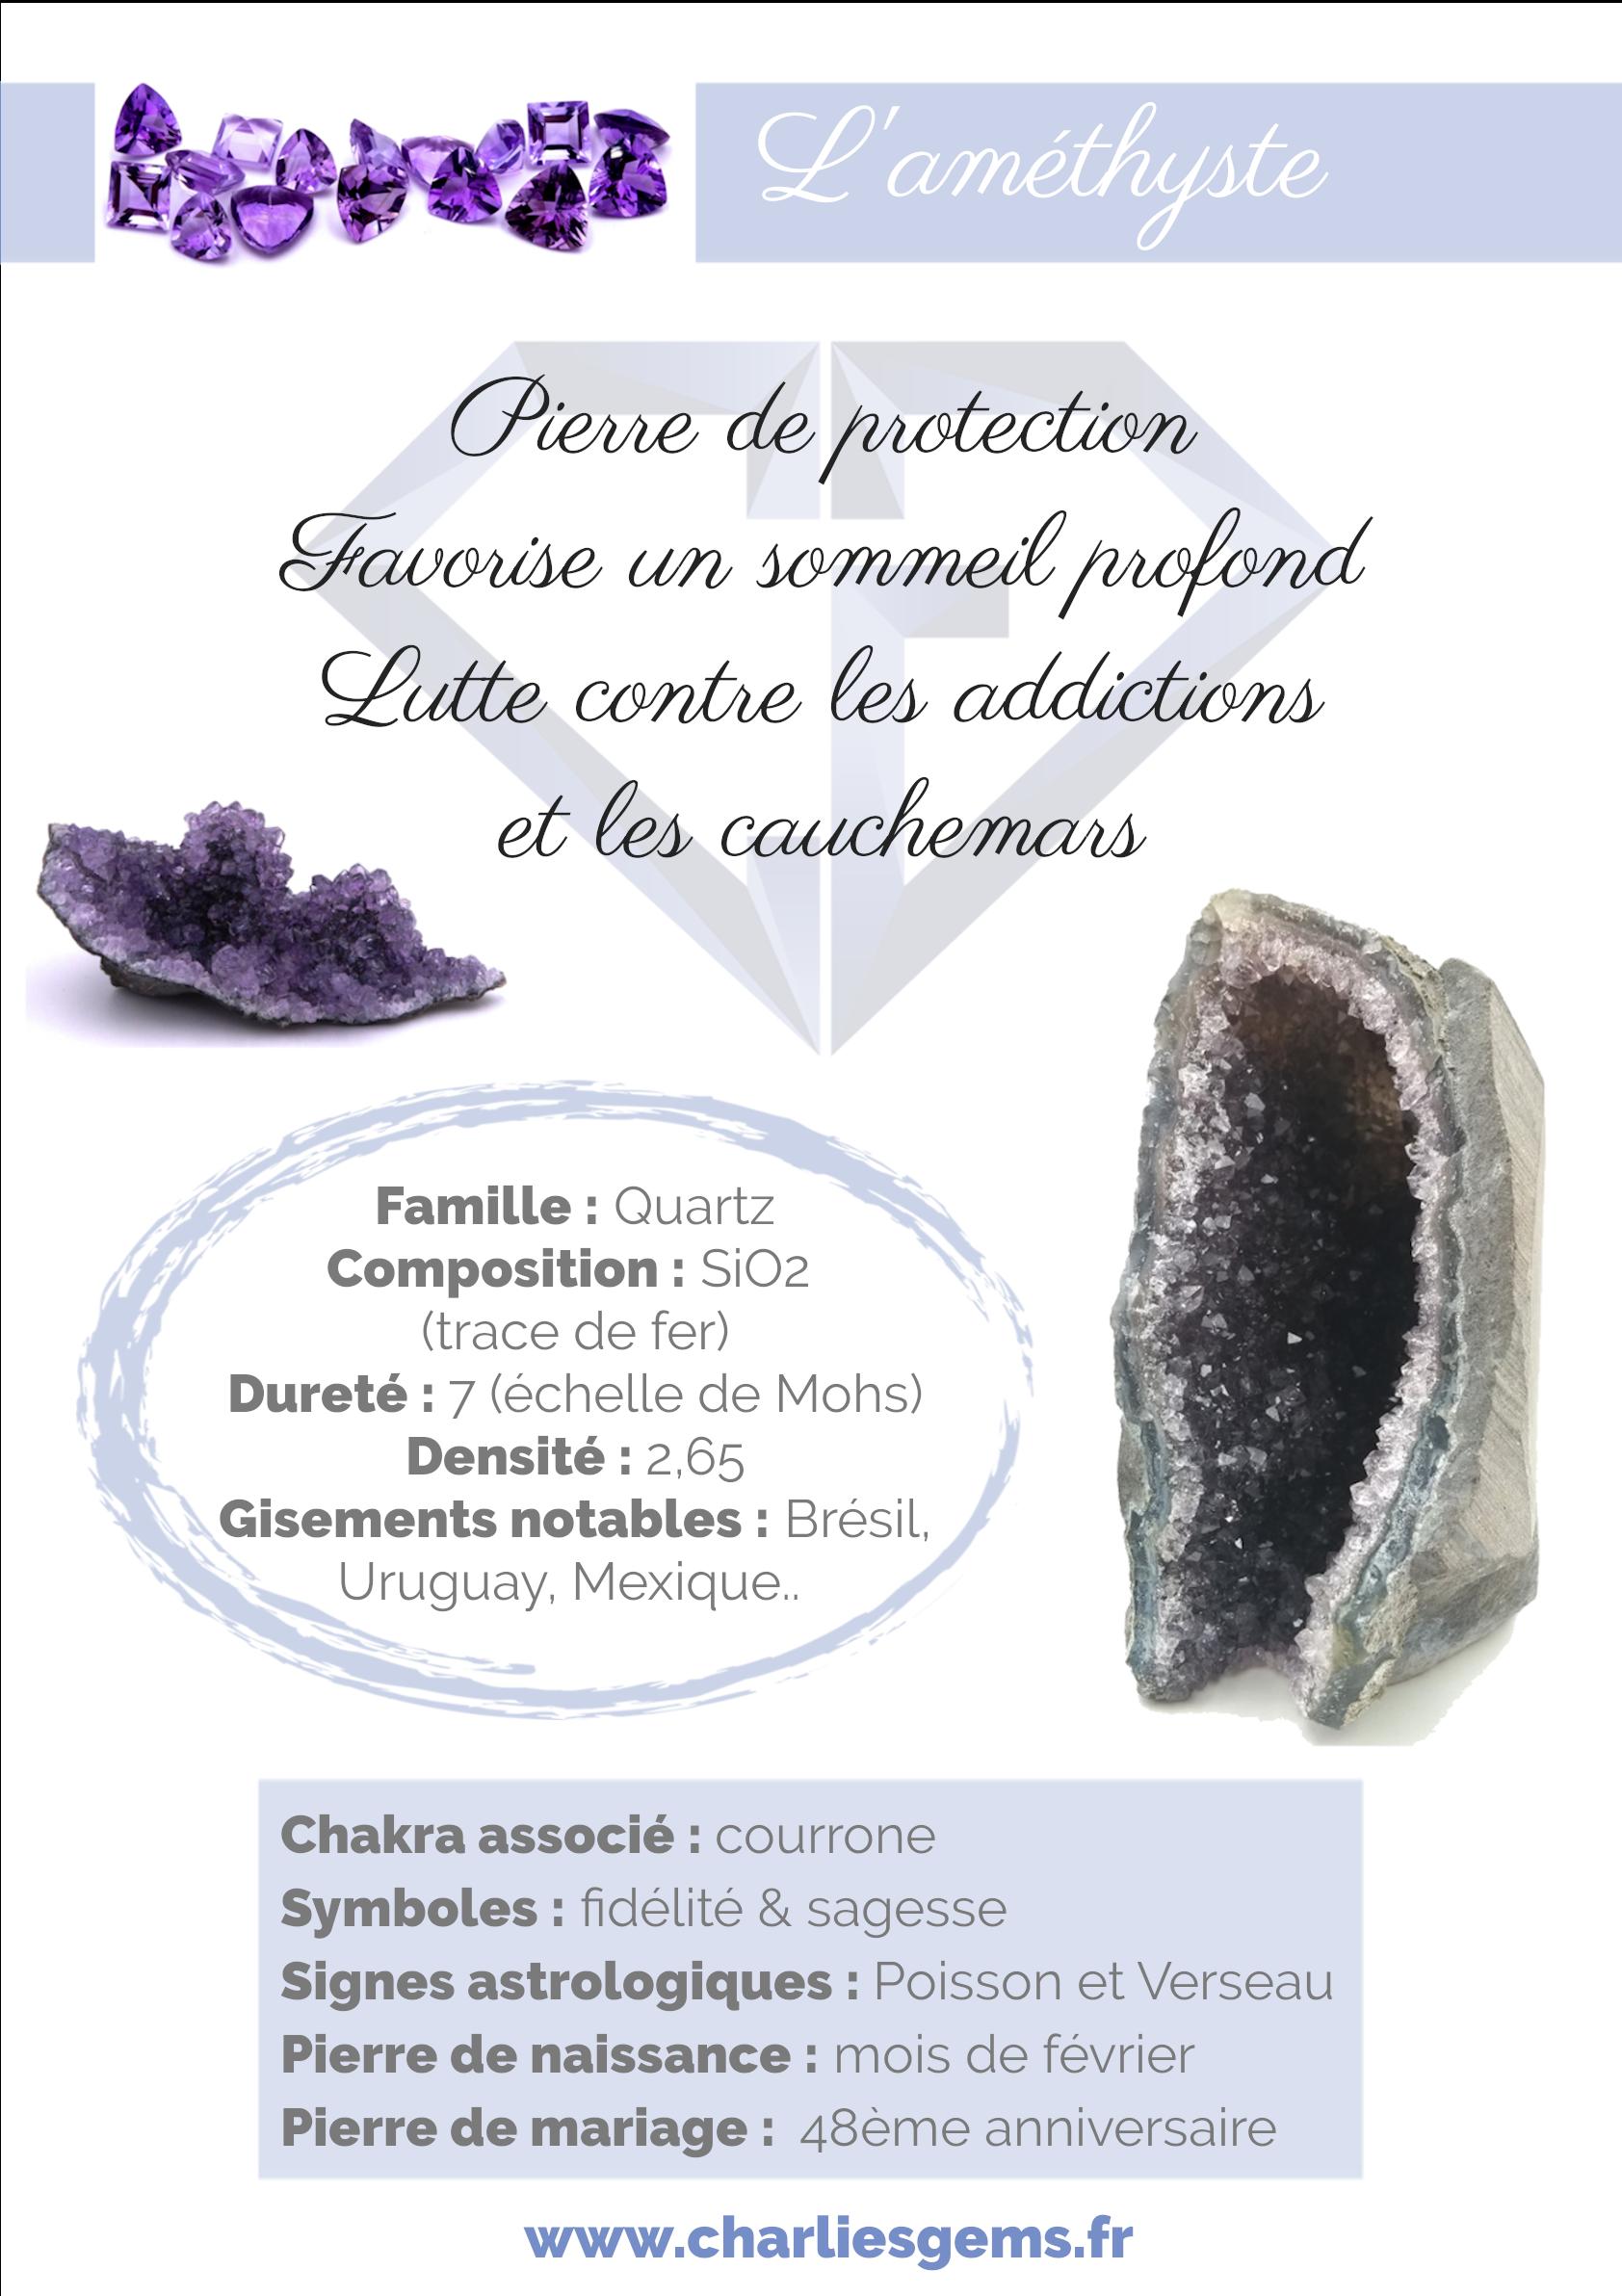 Fiche de présentation de l'Améthyste (description, lithothérapie, propriétés) - Par Charlie's Gems